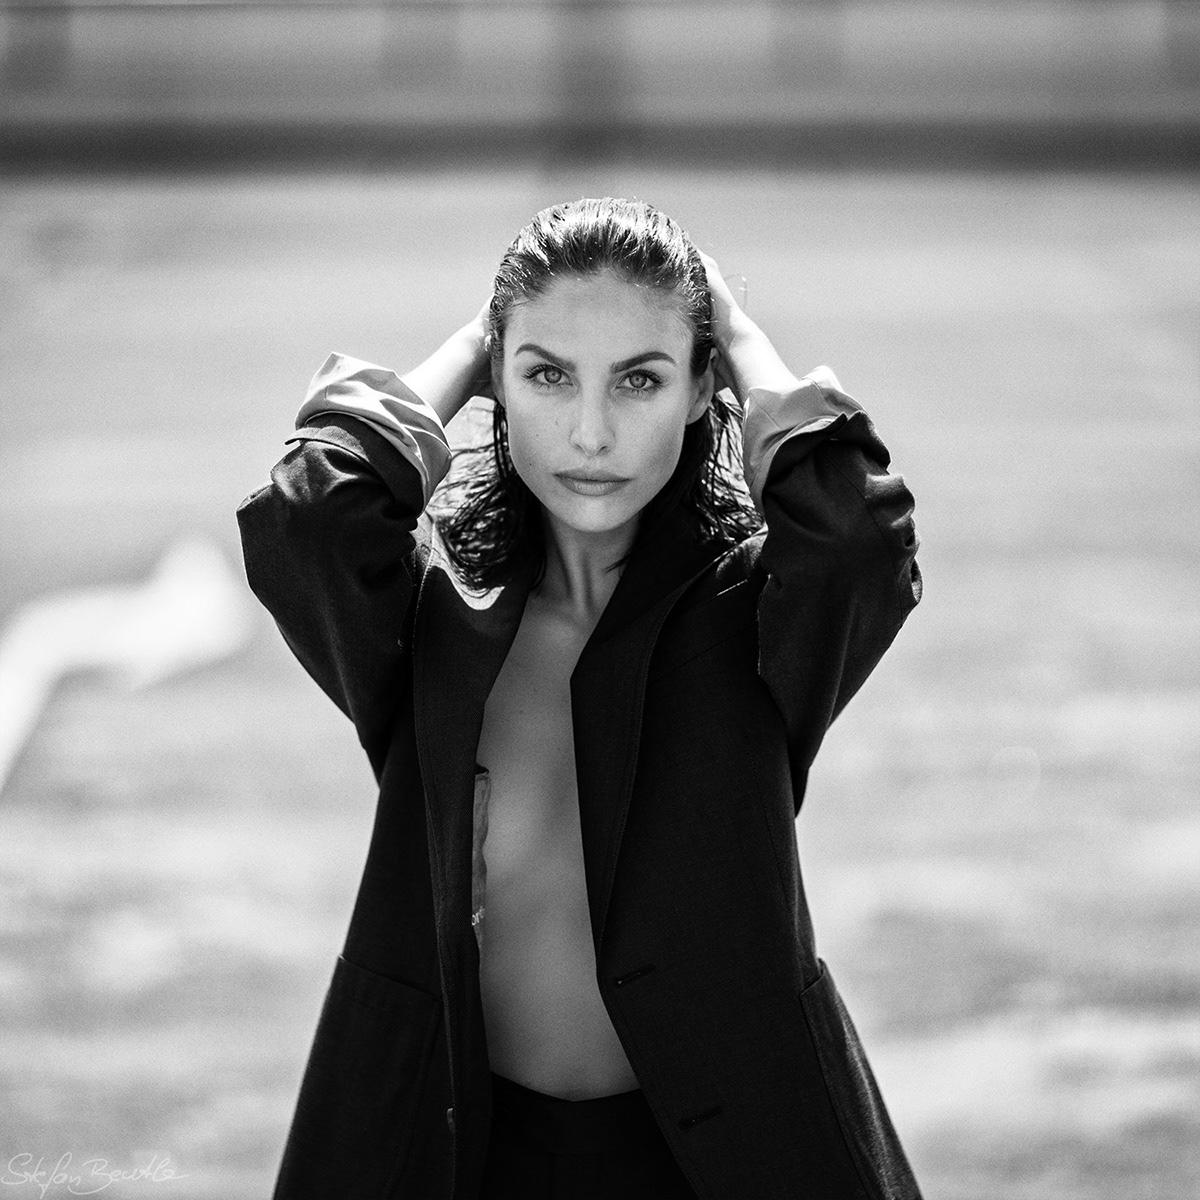 Ines / фотограф Stefan Beutler